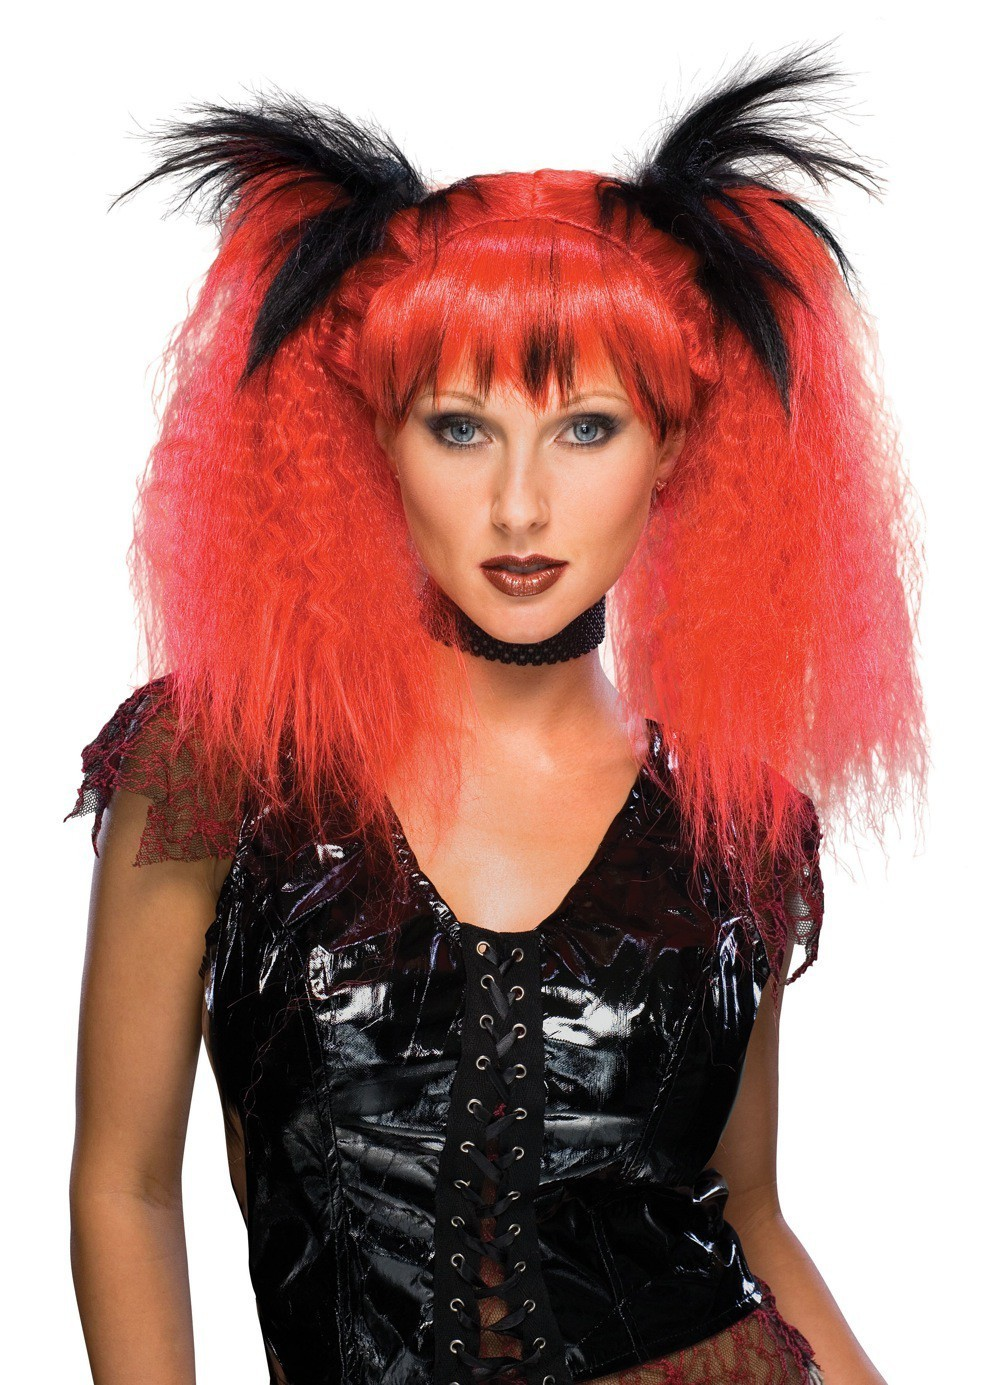 Perruque sorci re futuriste d guisement et vente de perruque femme